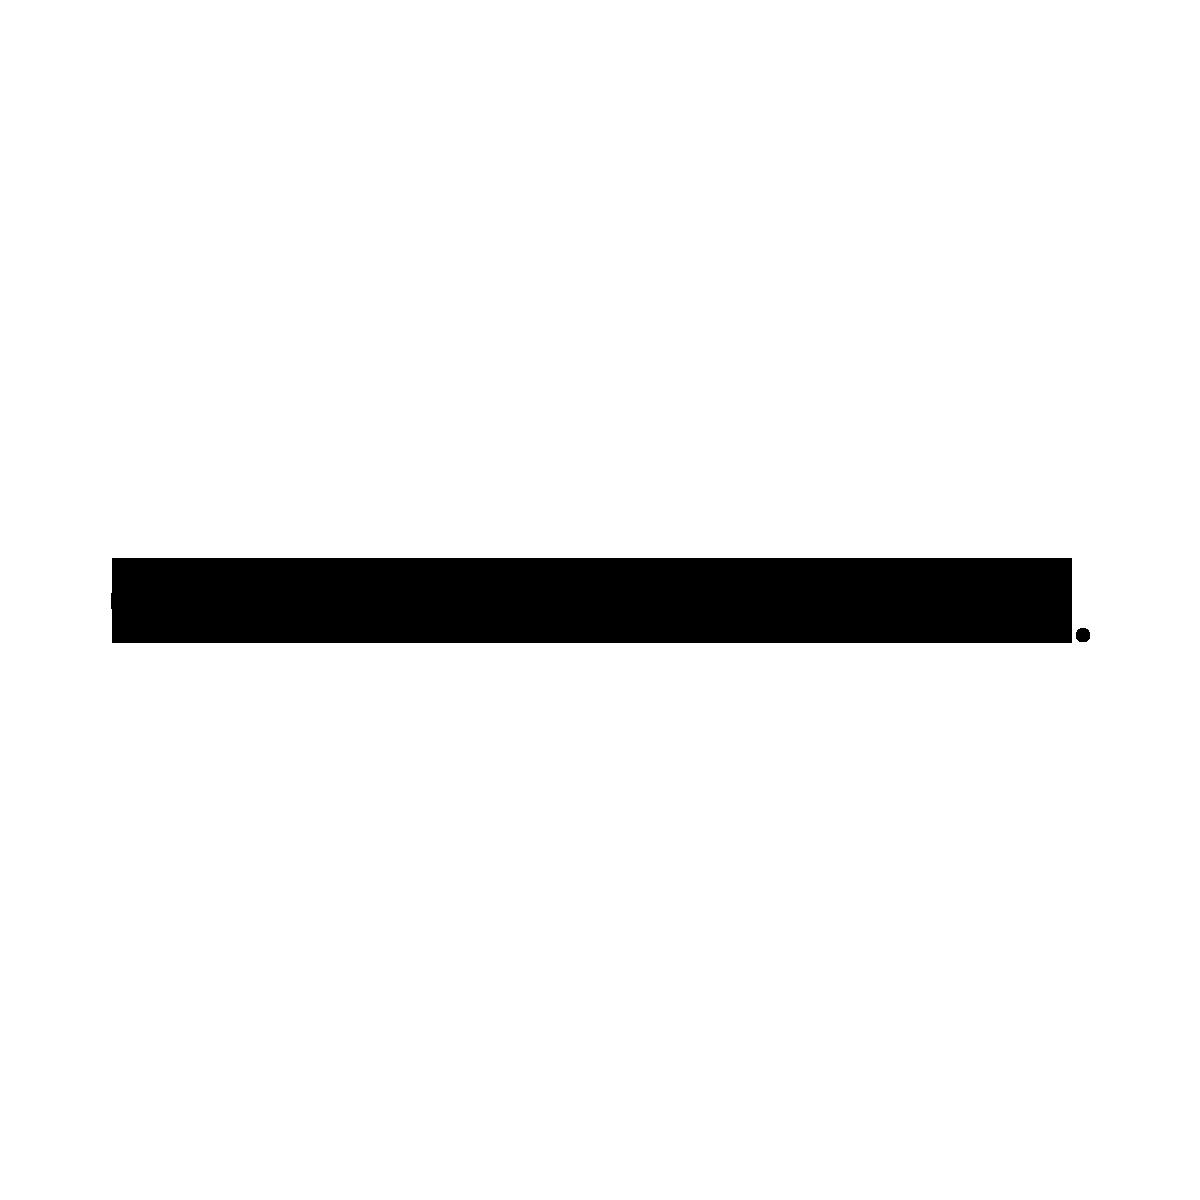 fred de la bretoniere rode zomerse schoudertas van raffia 292010001 binnenkant steekvak